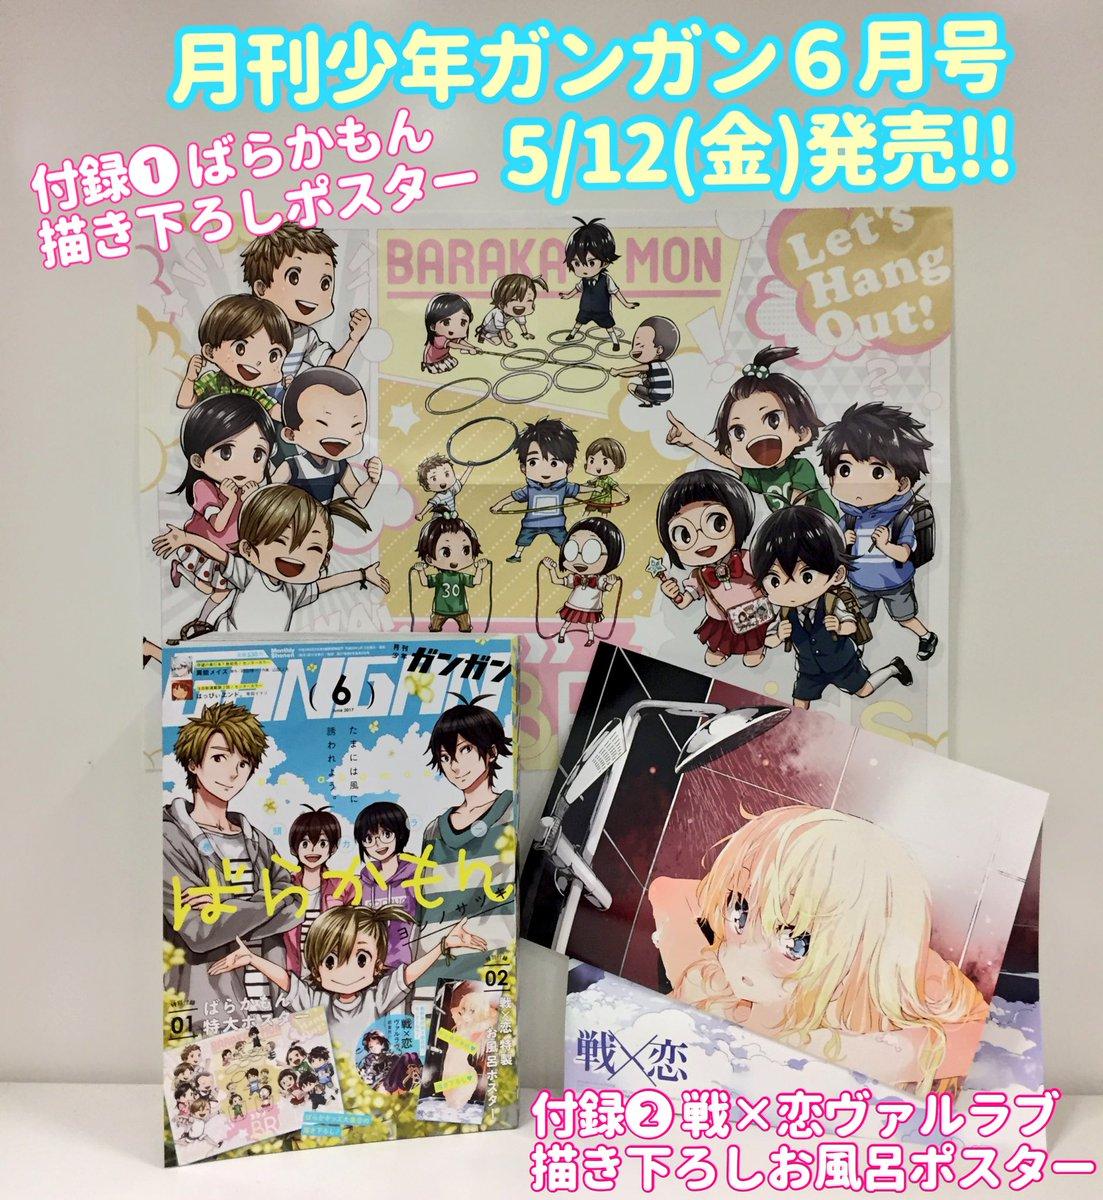 【本日発売】月刊少年ガンガン6月号、本日5/12発売です!ばらかもん特別付録は、メインキャラが全員1年生になっている描き